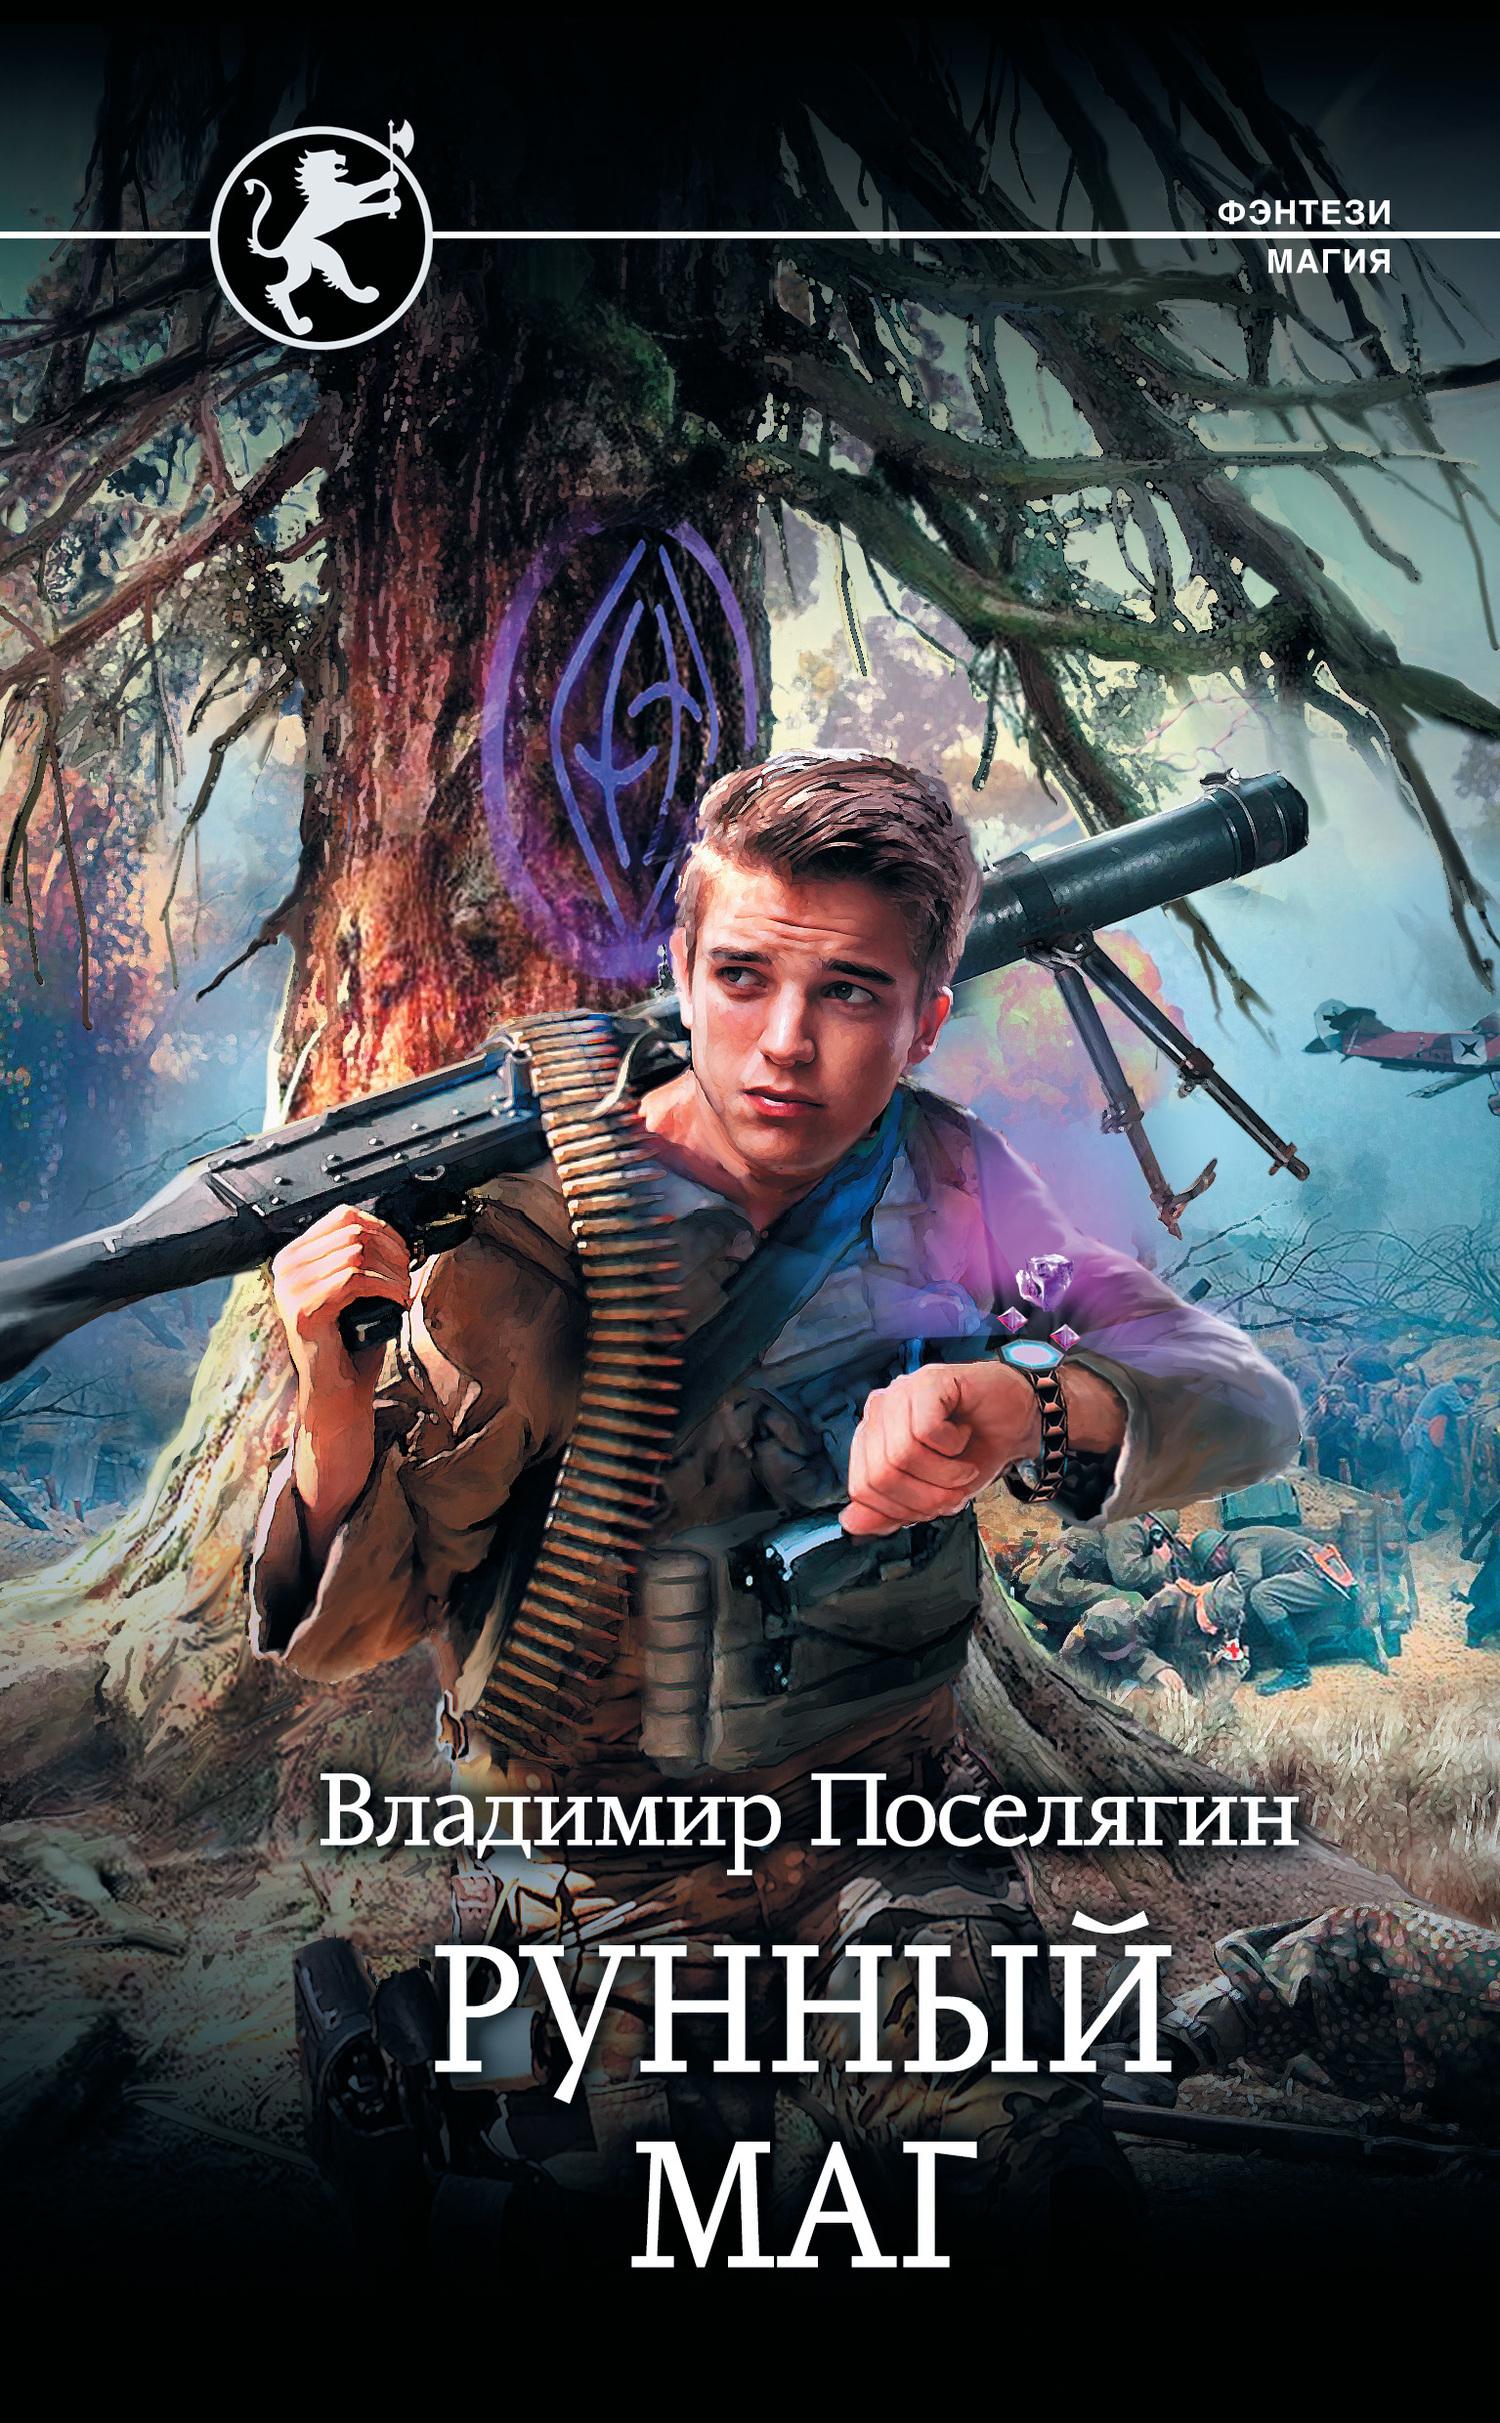 Владимир Поселягин Рунный маг